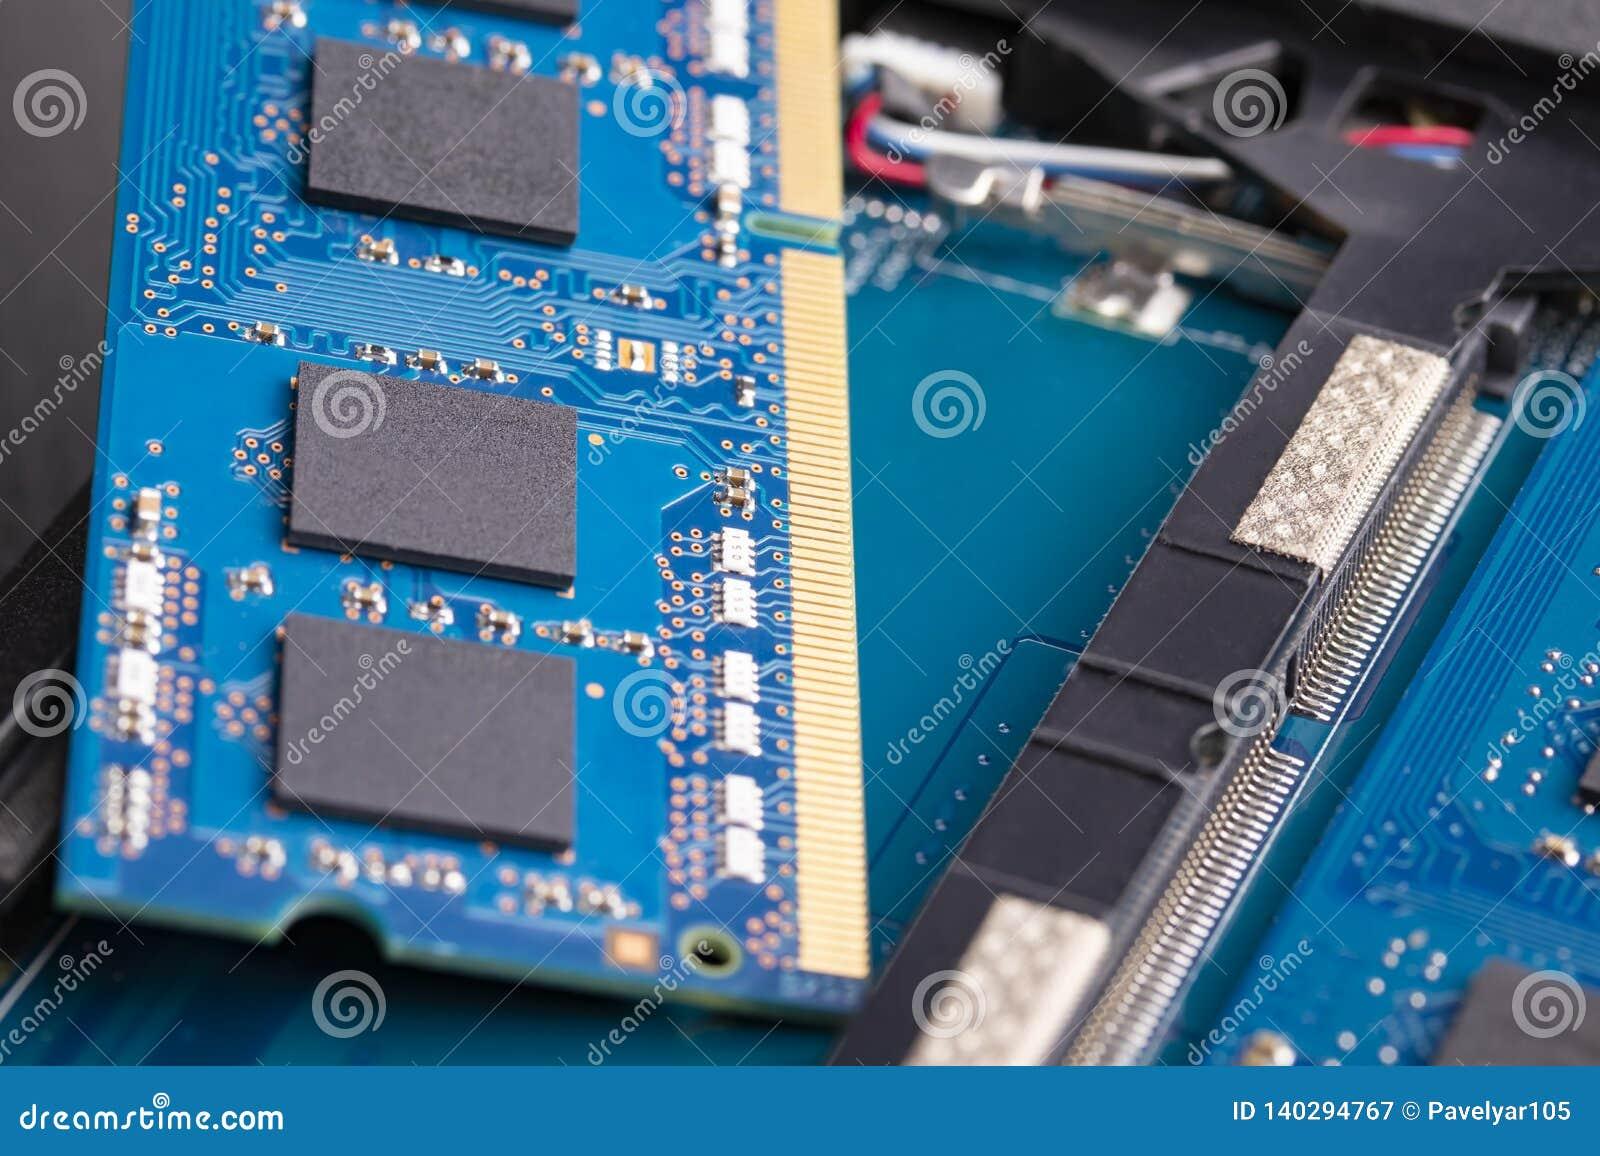 Geheugenkaart in laptop